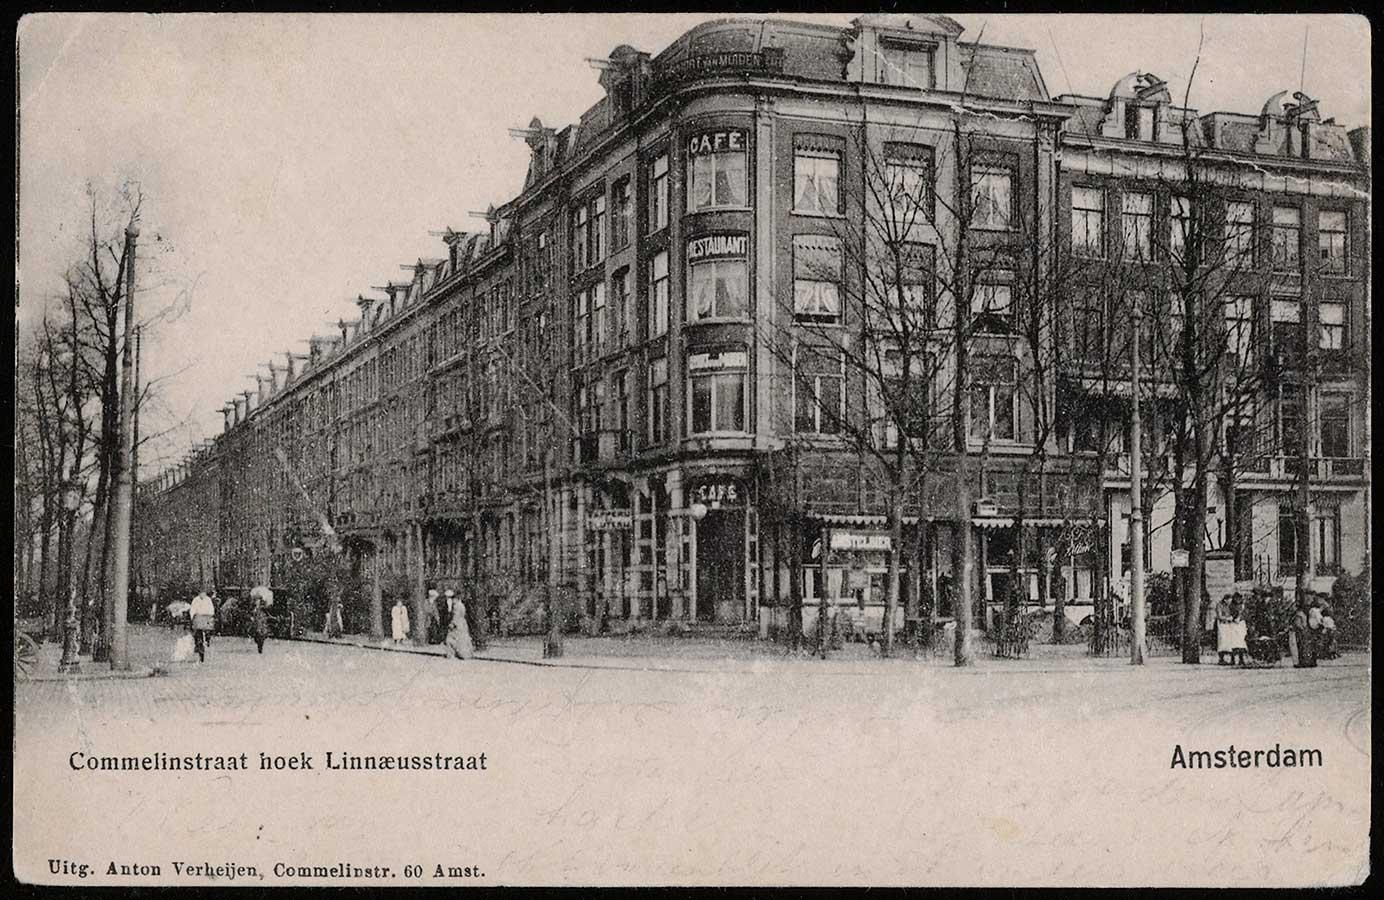 Commelinstraat hoek Linnaeusstraat kijkend naar café Poort van Muiden